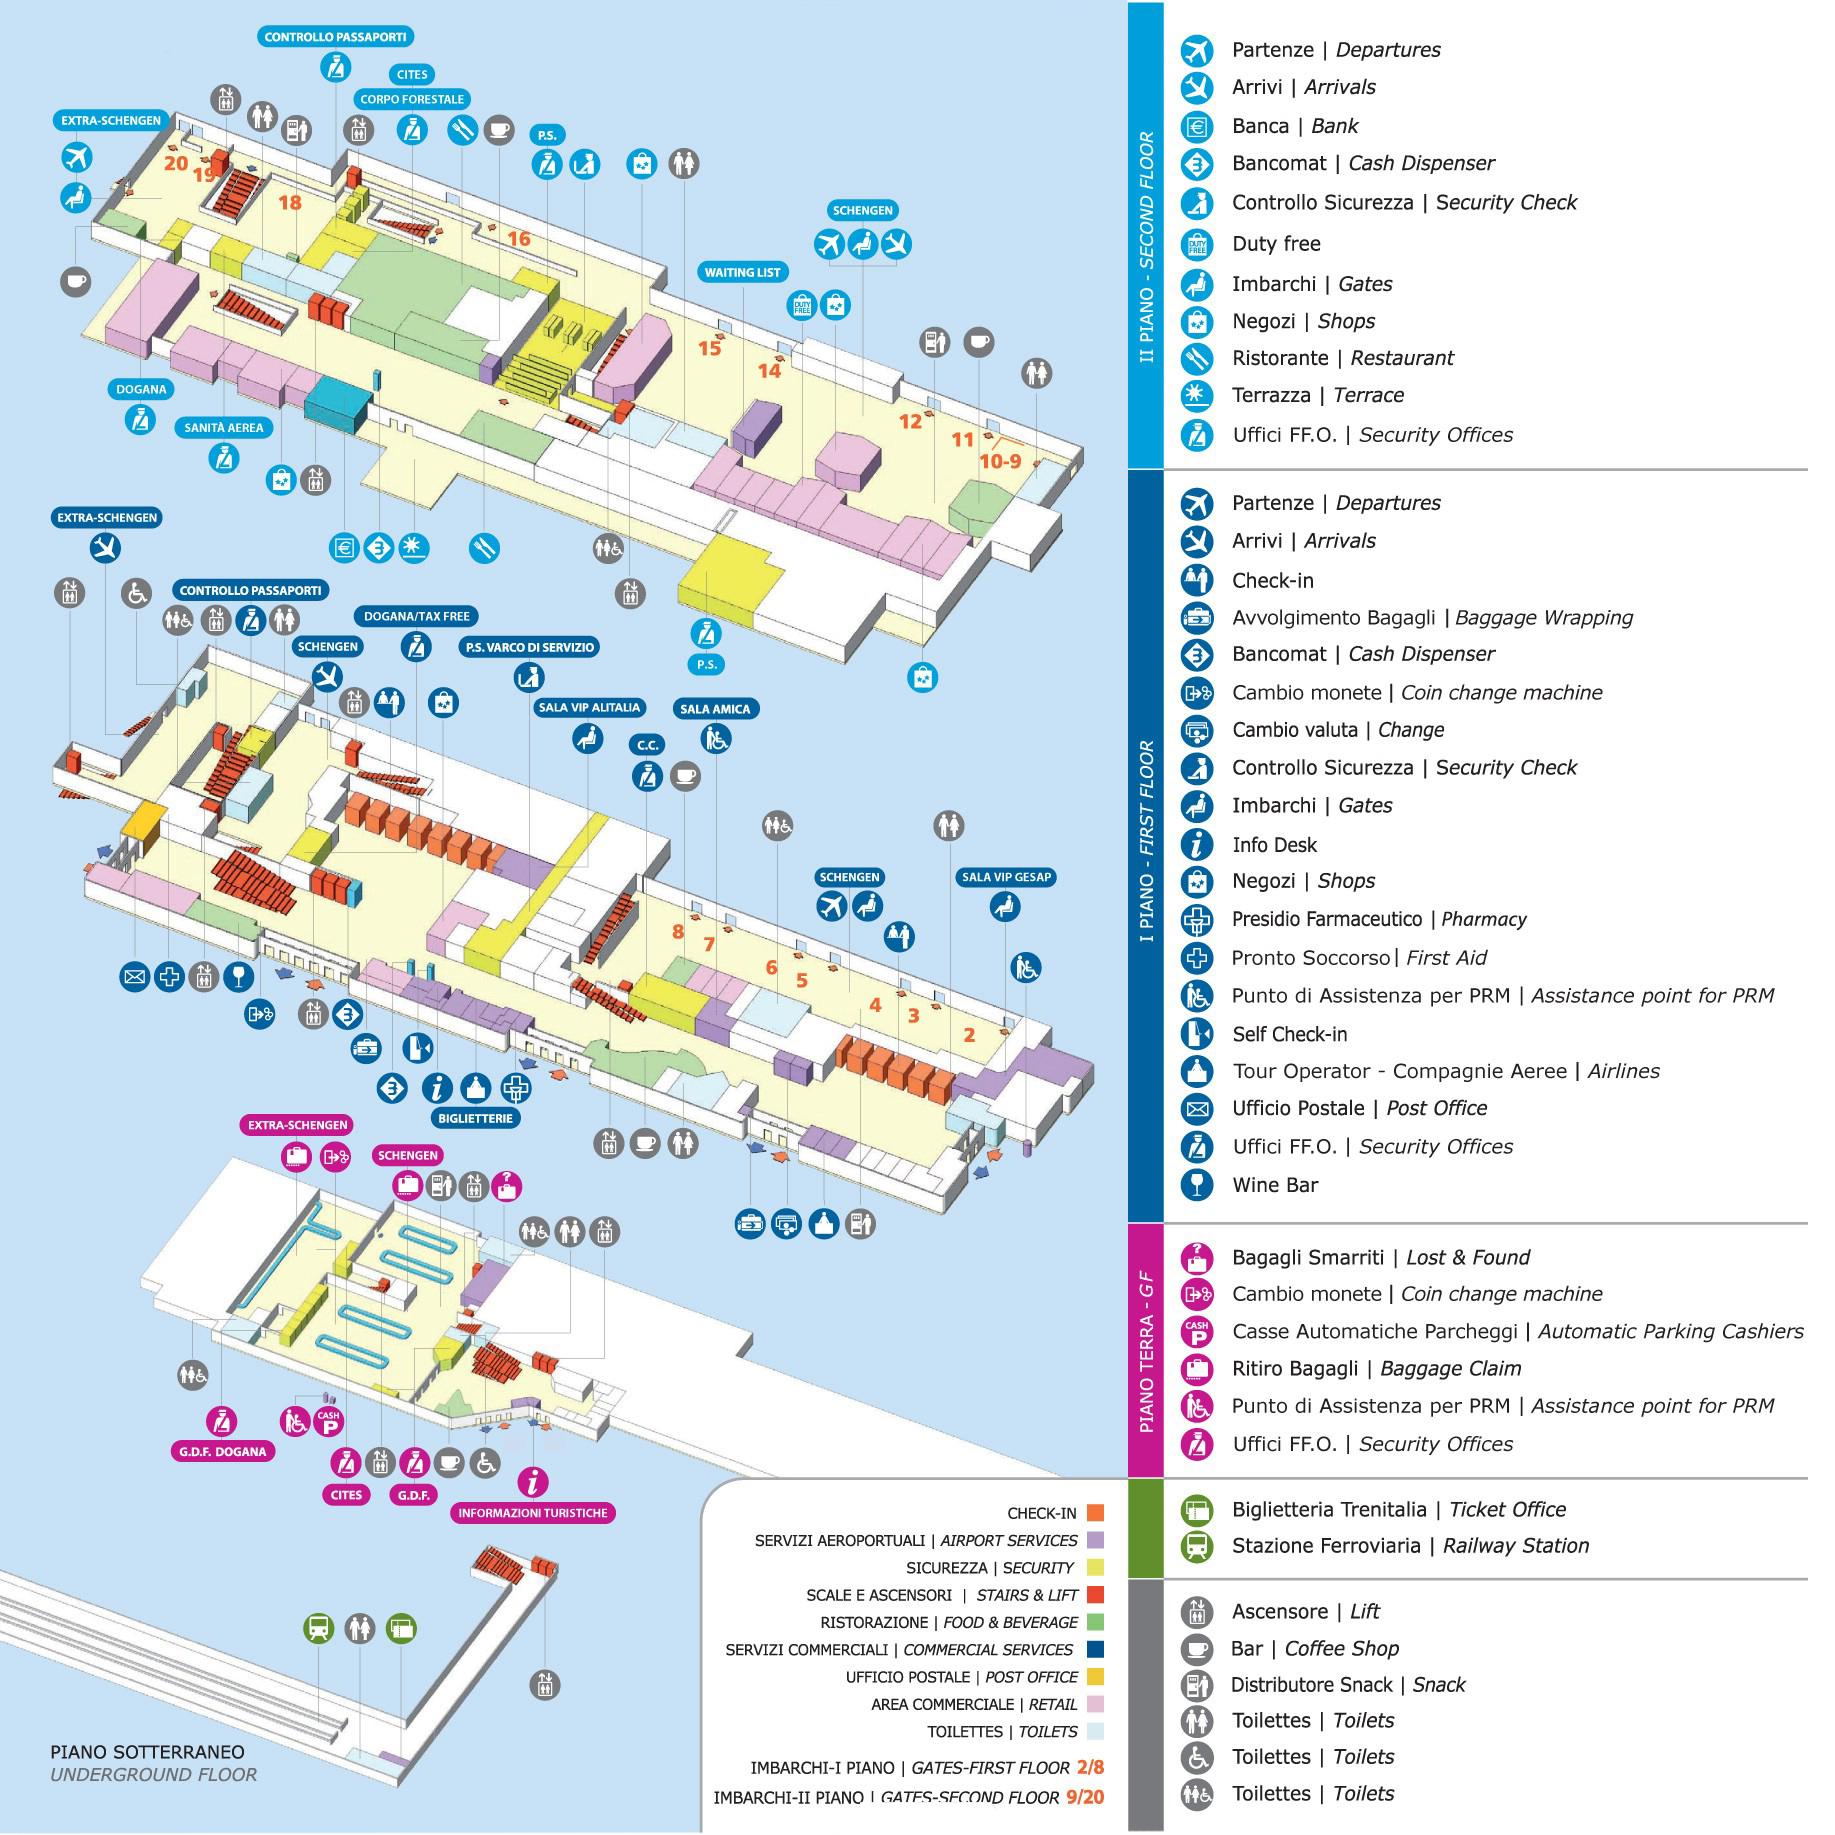 Схема терминалов аэропорта Палермо, Сицилия